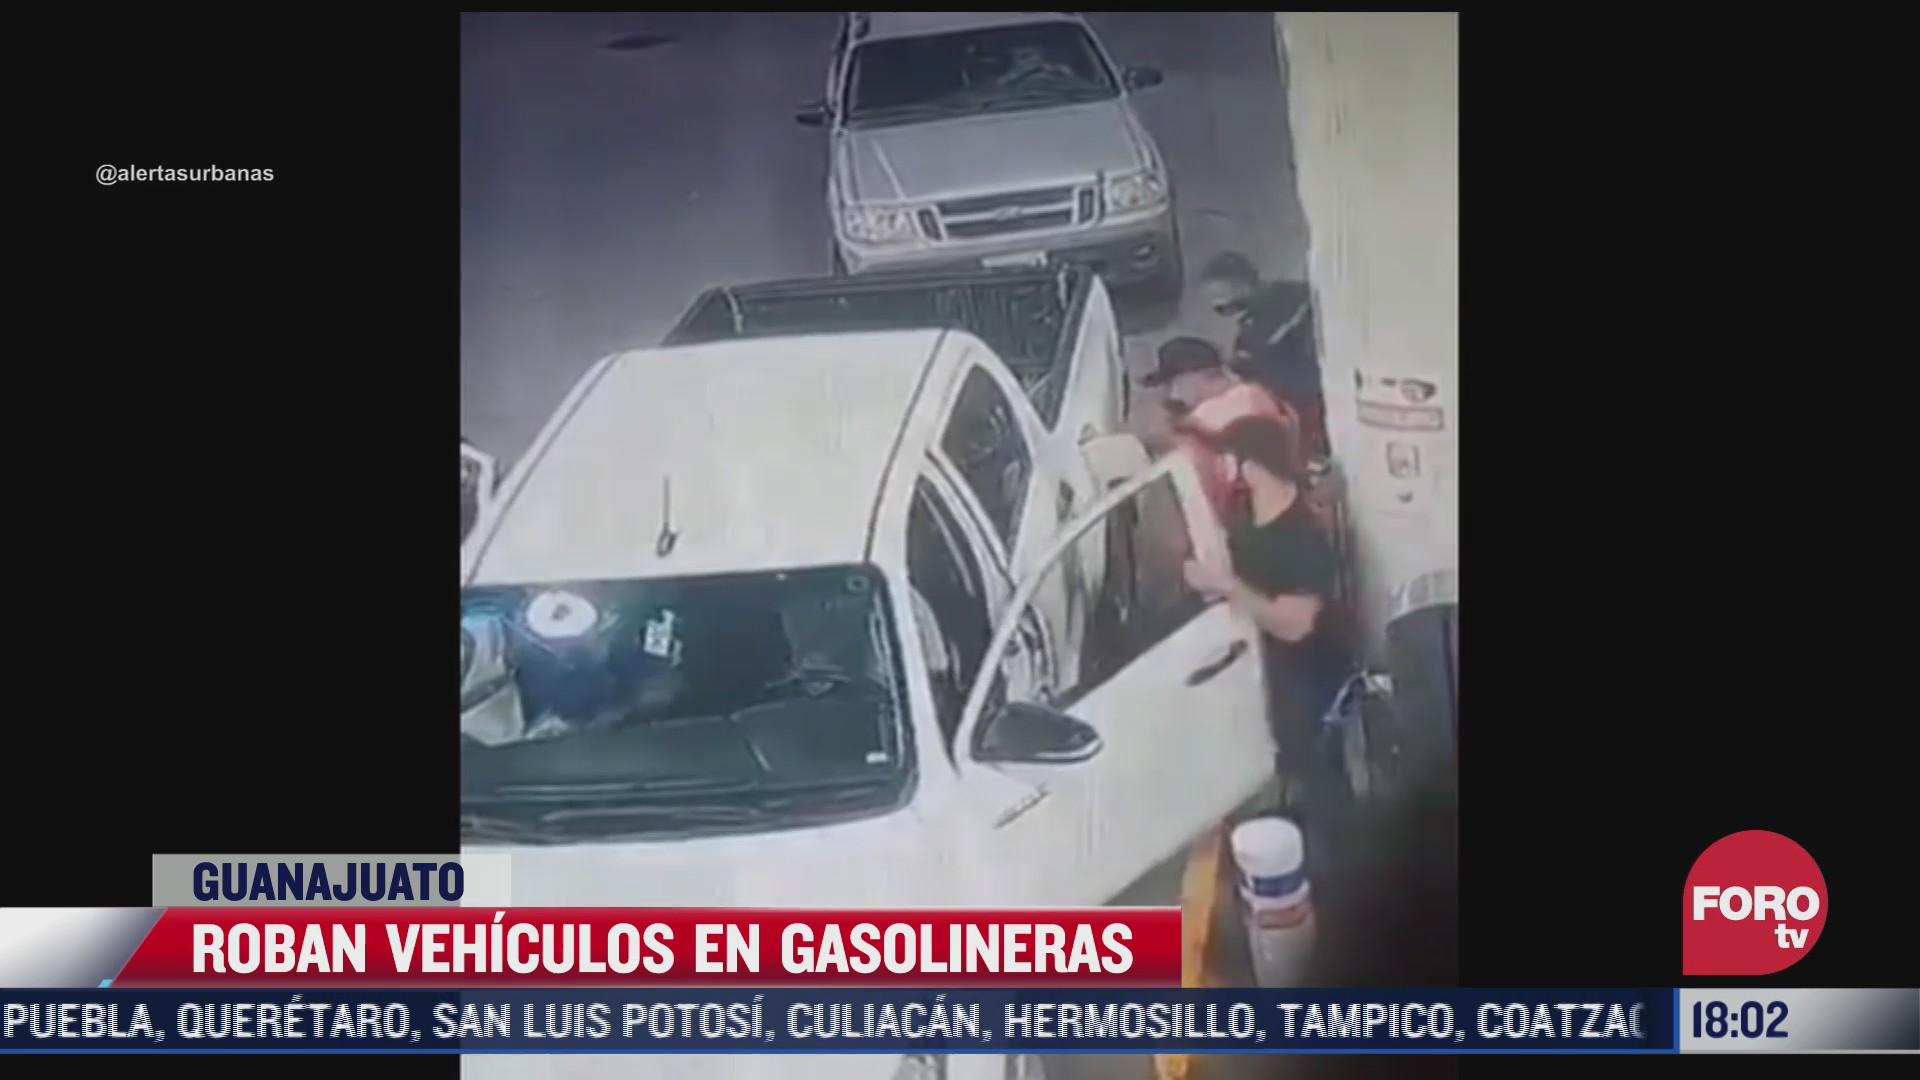 sujetos armados roban vehiculos en gasolineras de guanajuato